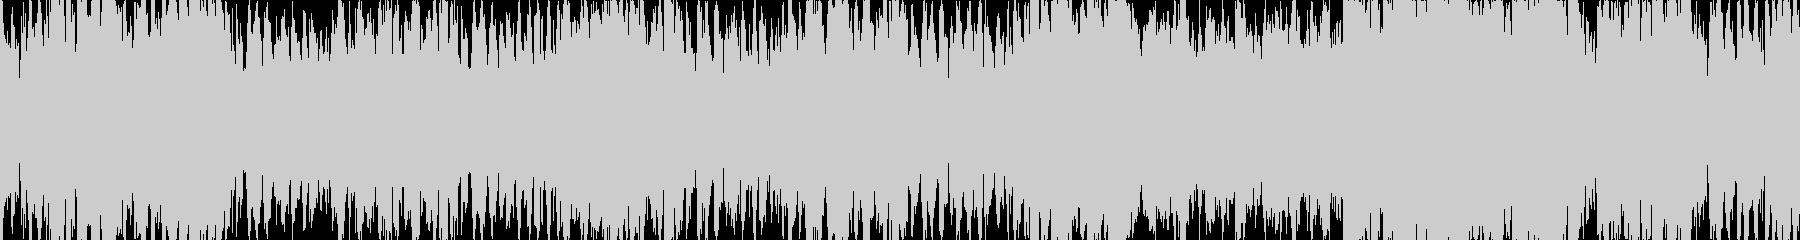 バトル用シンフォニックなループ曲の未再生の波形